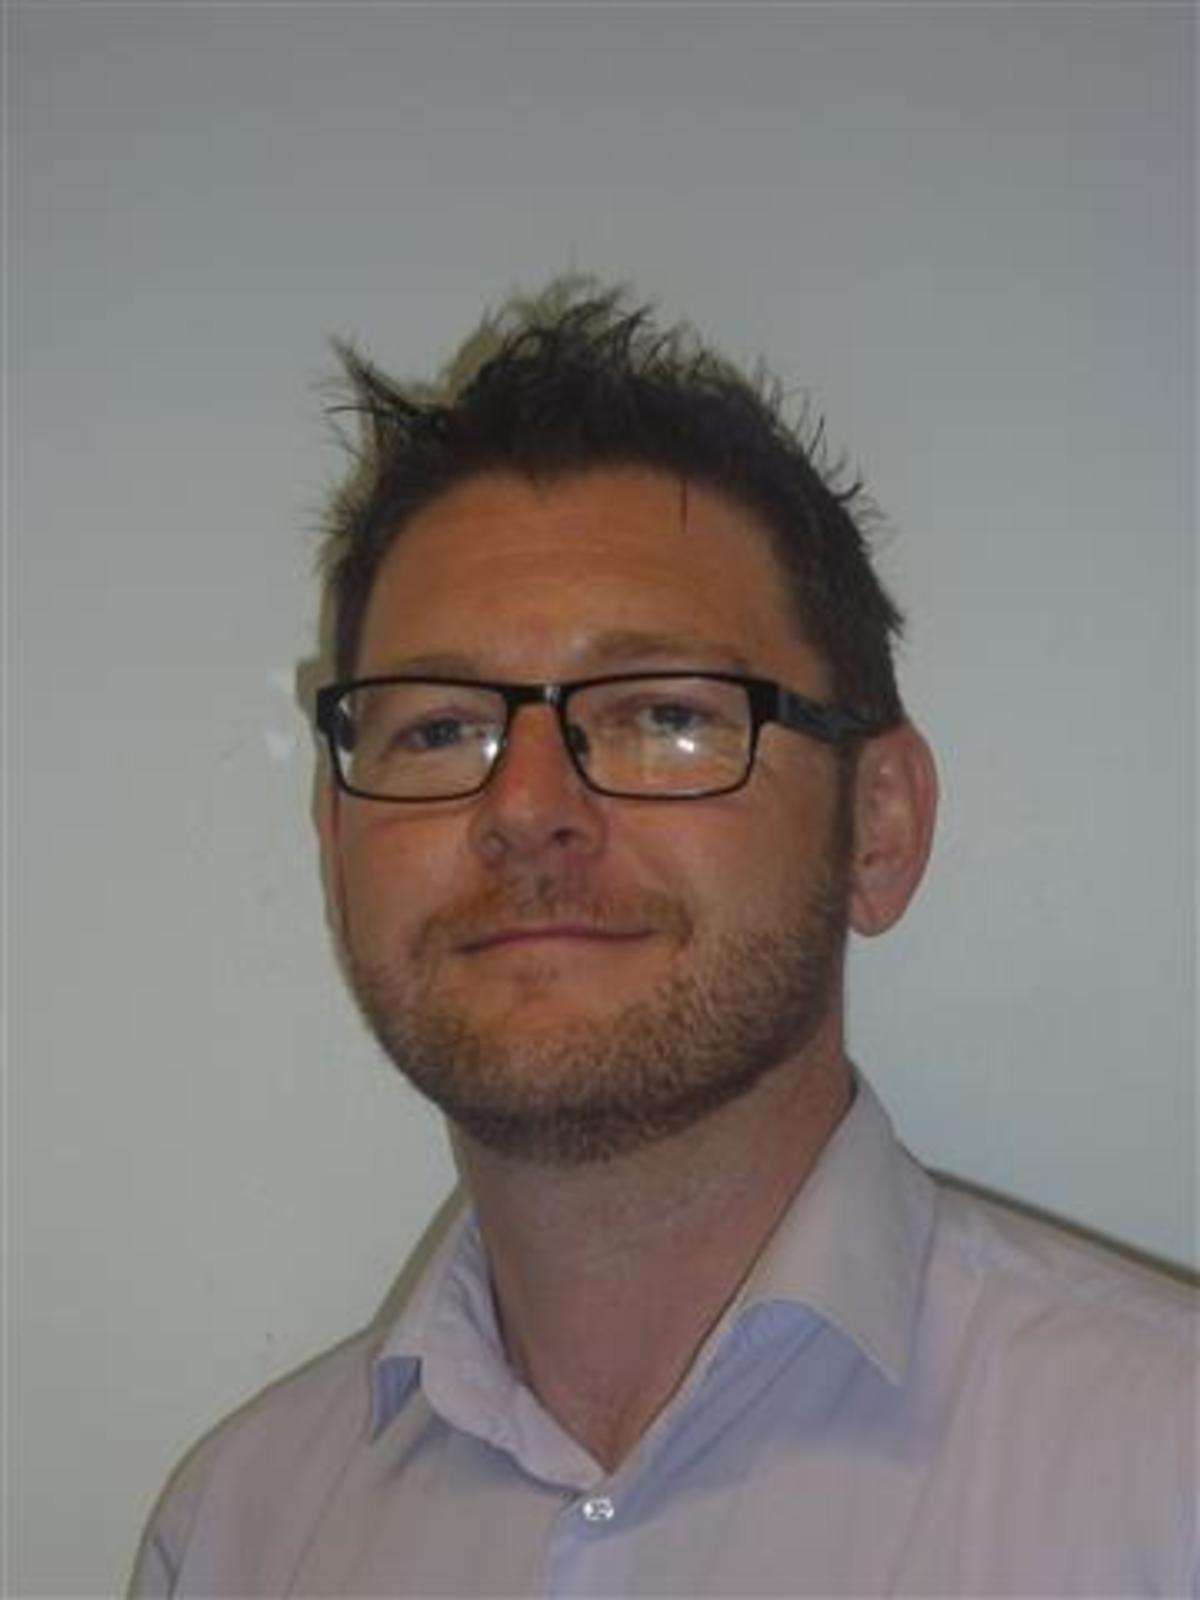 Photograph of Darren Evans